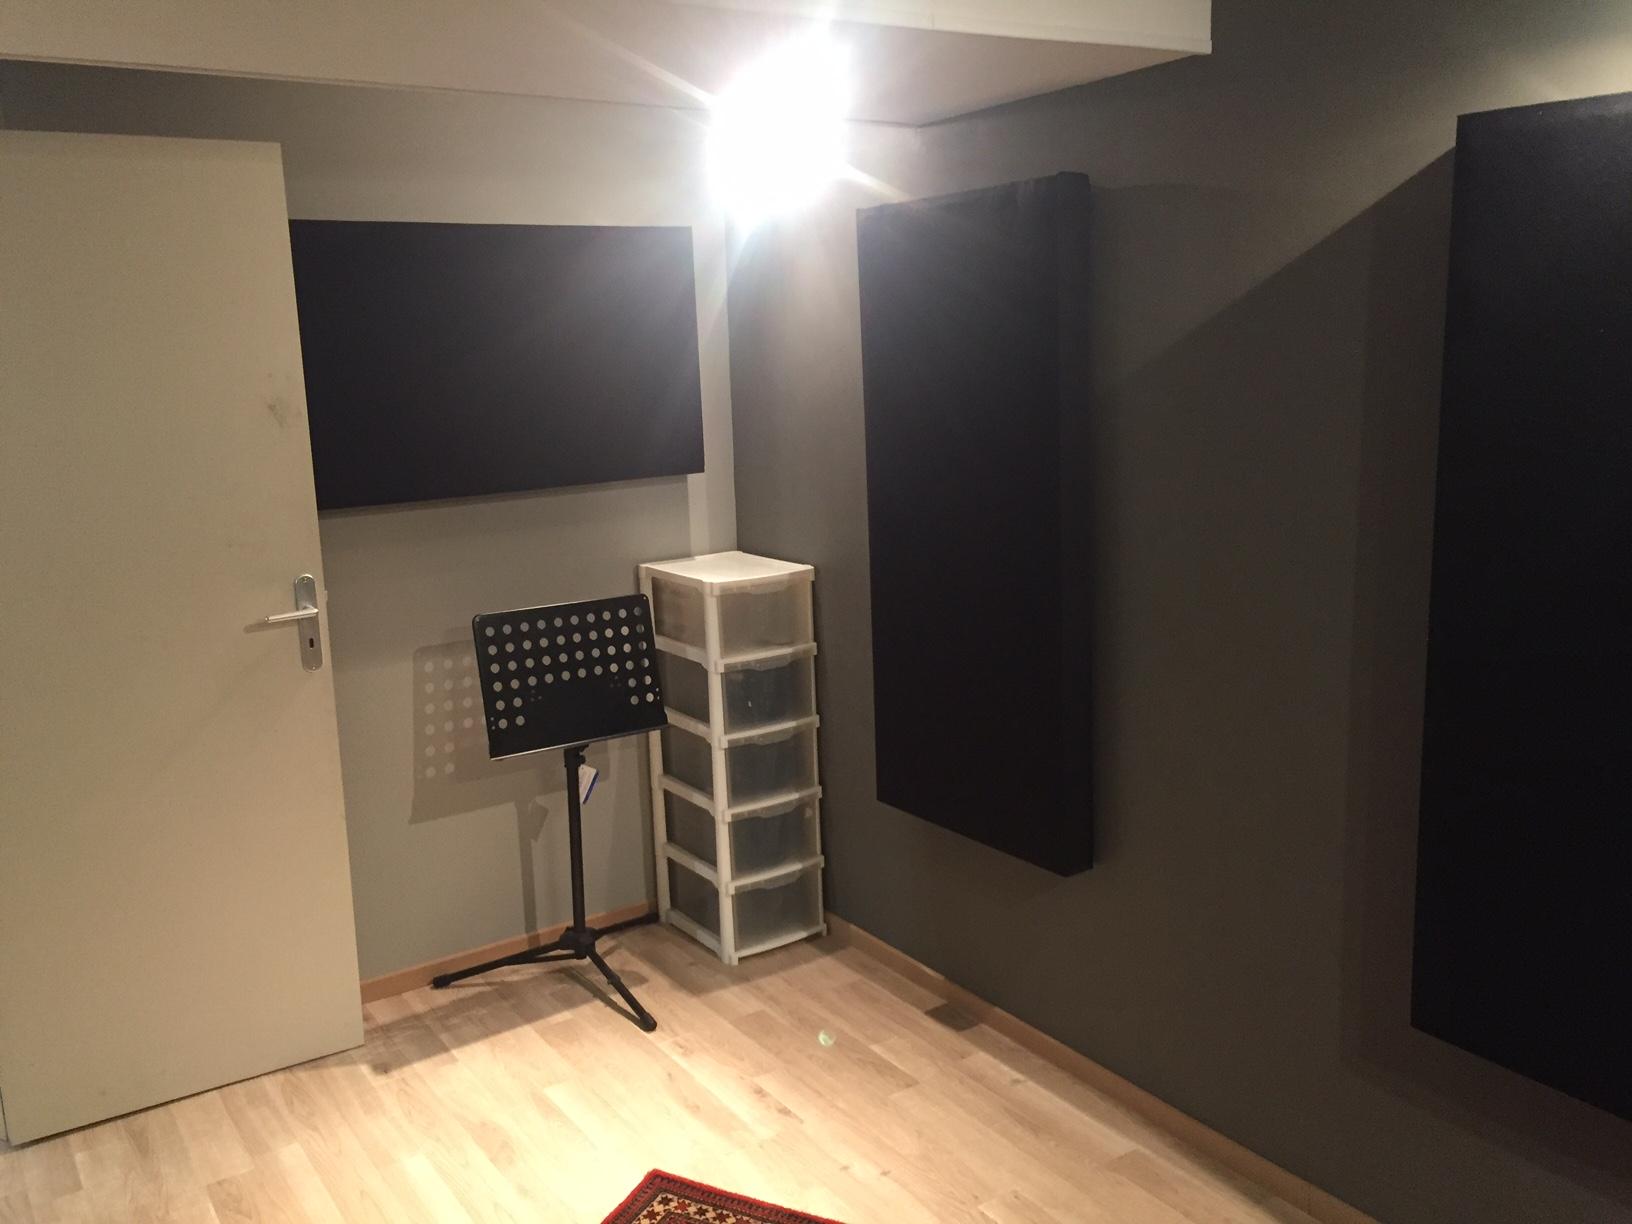 projet de construction de mon premier home studio forum mobilier accessoires am nagement. Black Bedroom Furniture Sets. Home Design Ideas